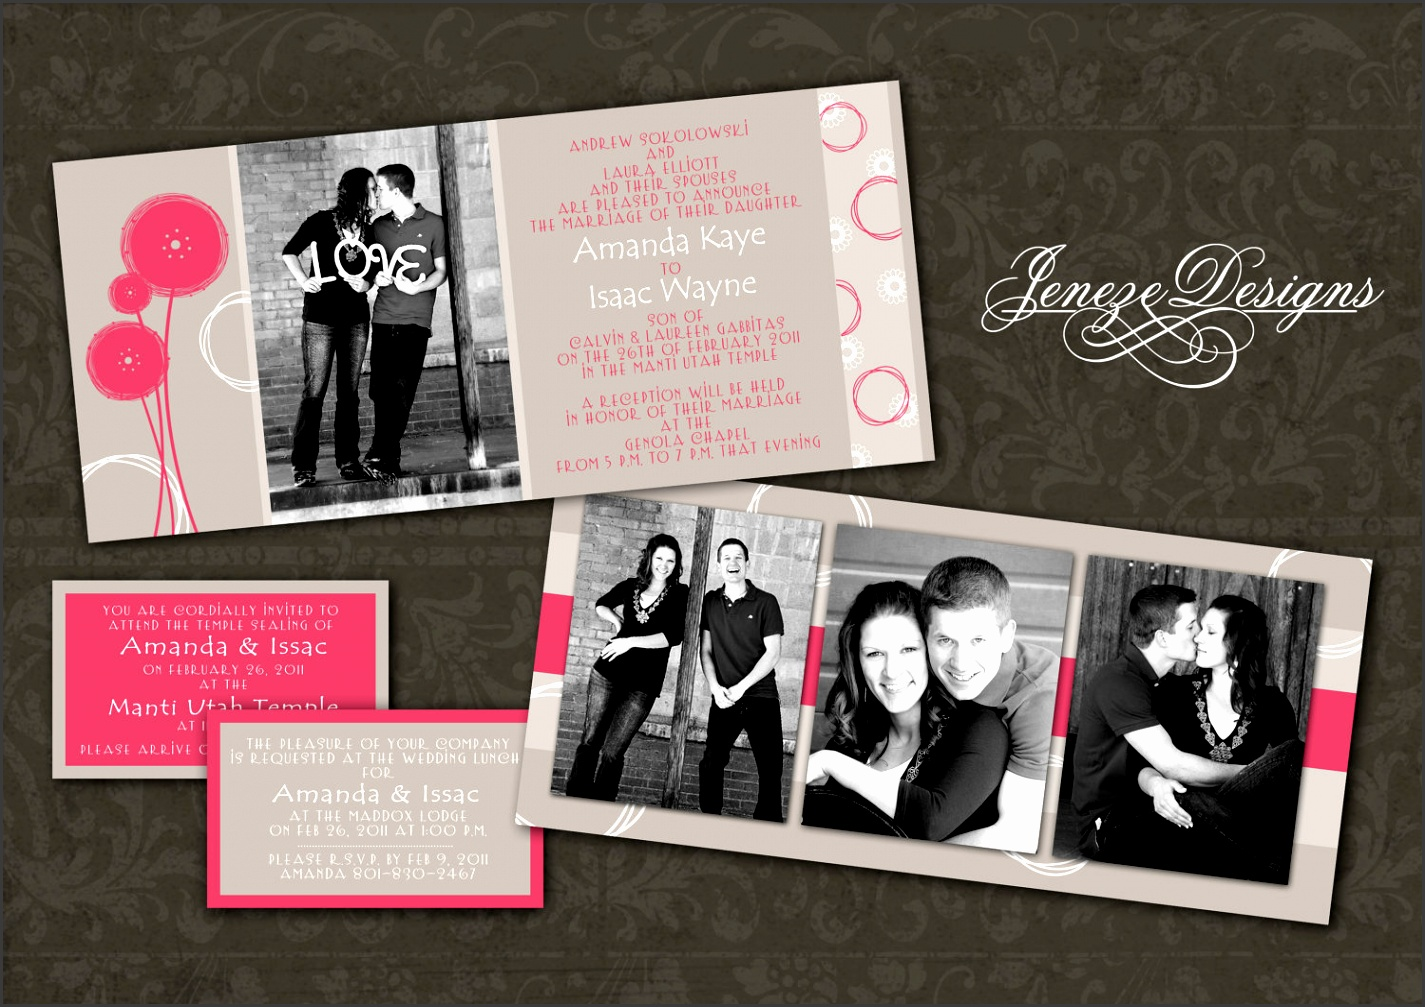 Wedding invitation templates photoshop akbaeenw wedding invitation templates photoshop stopboris Images